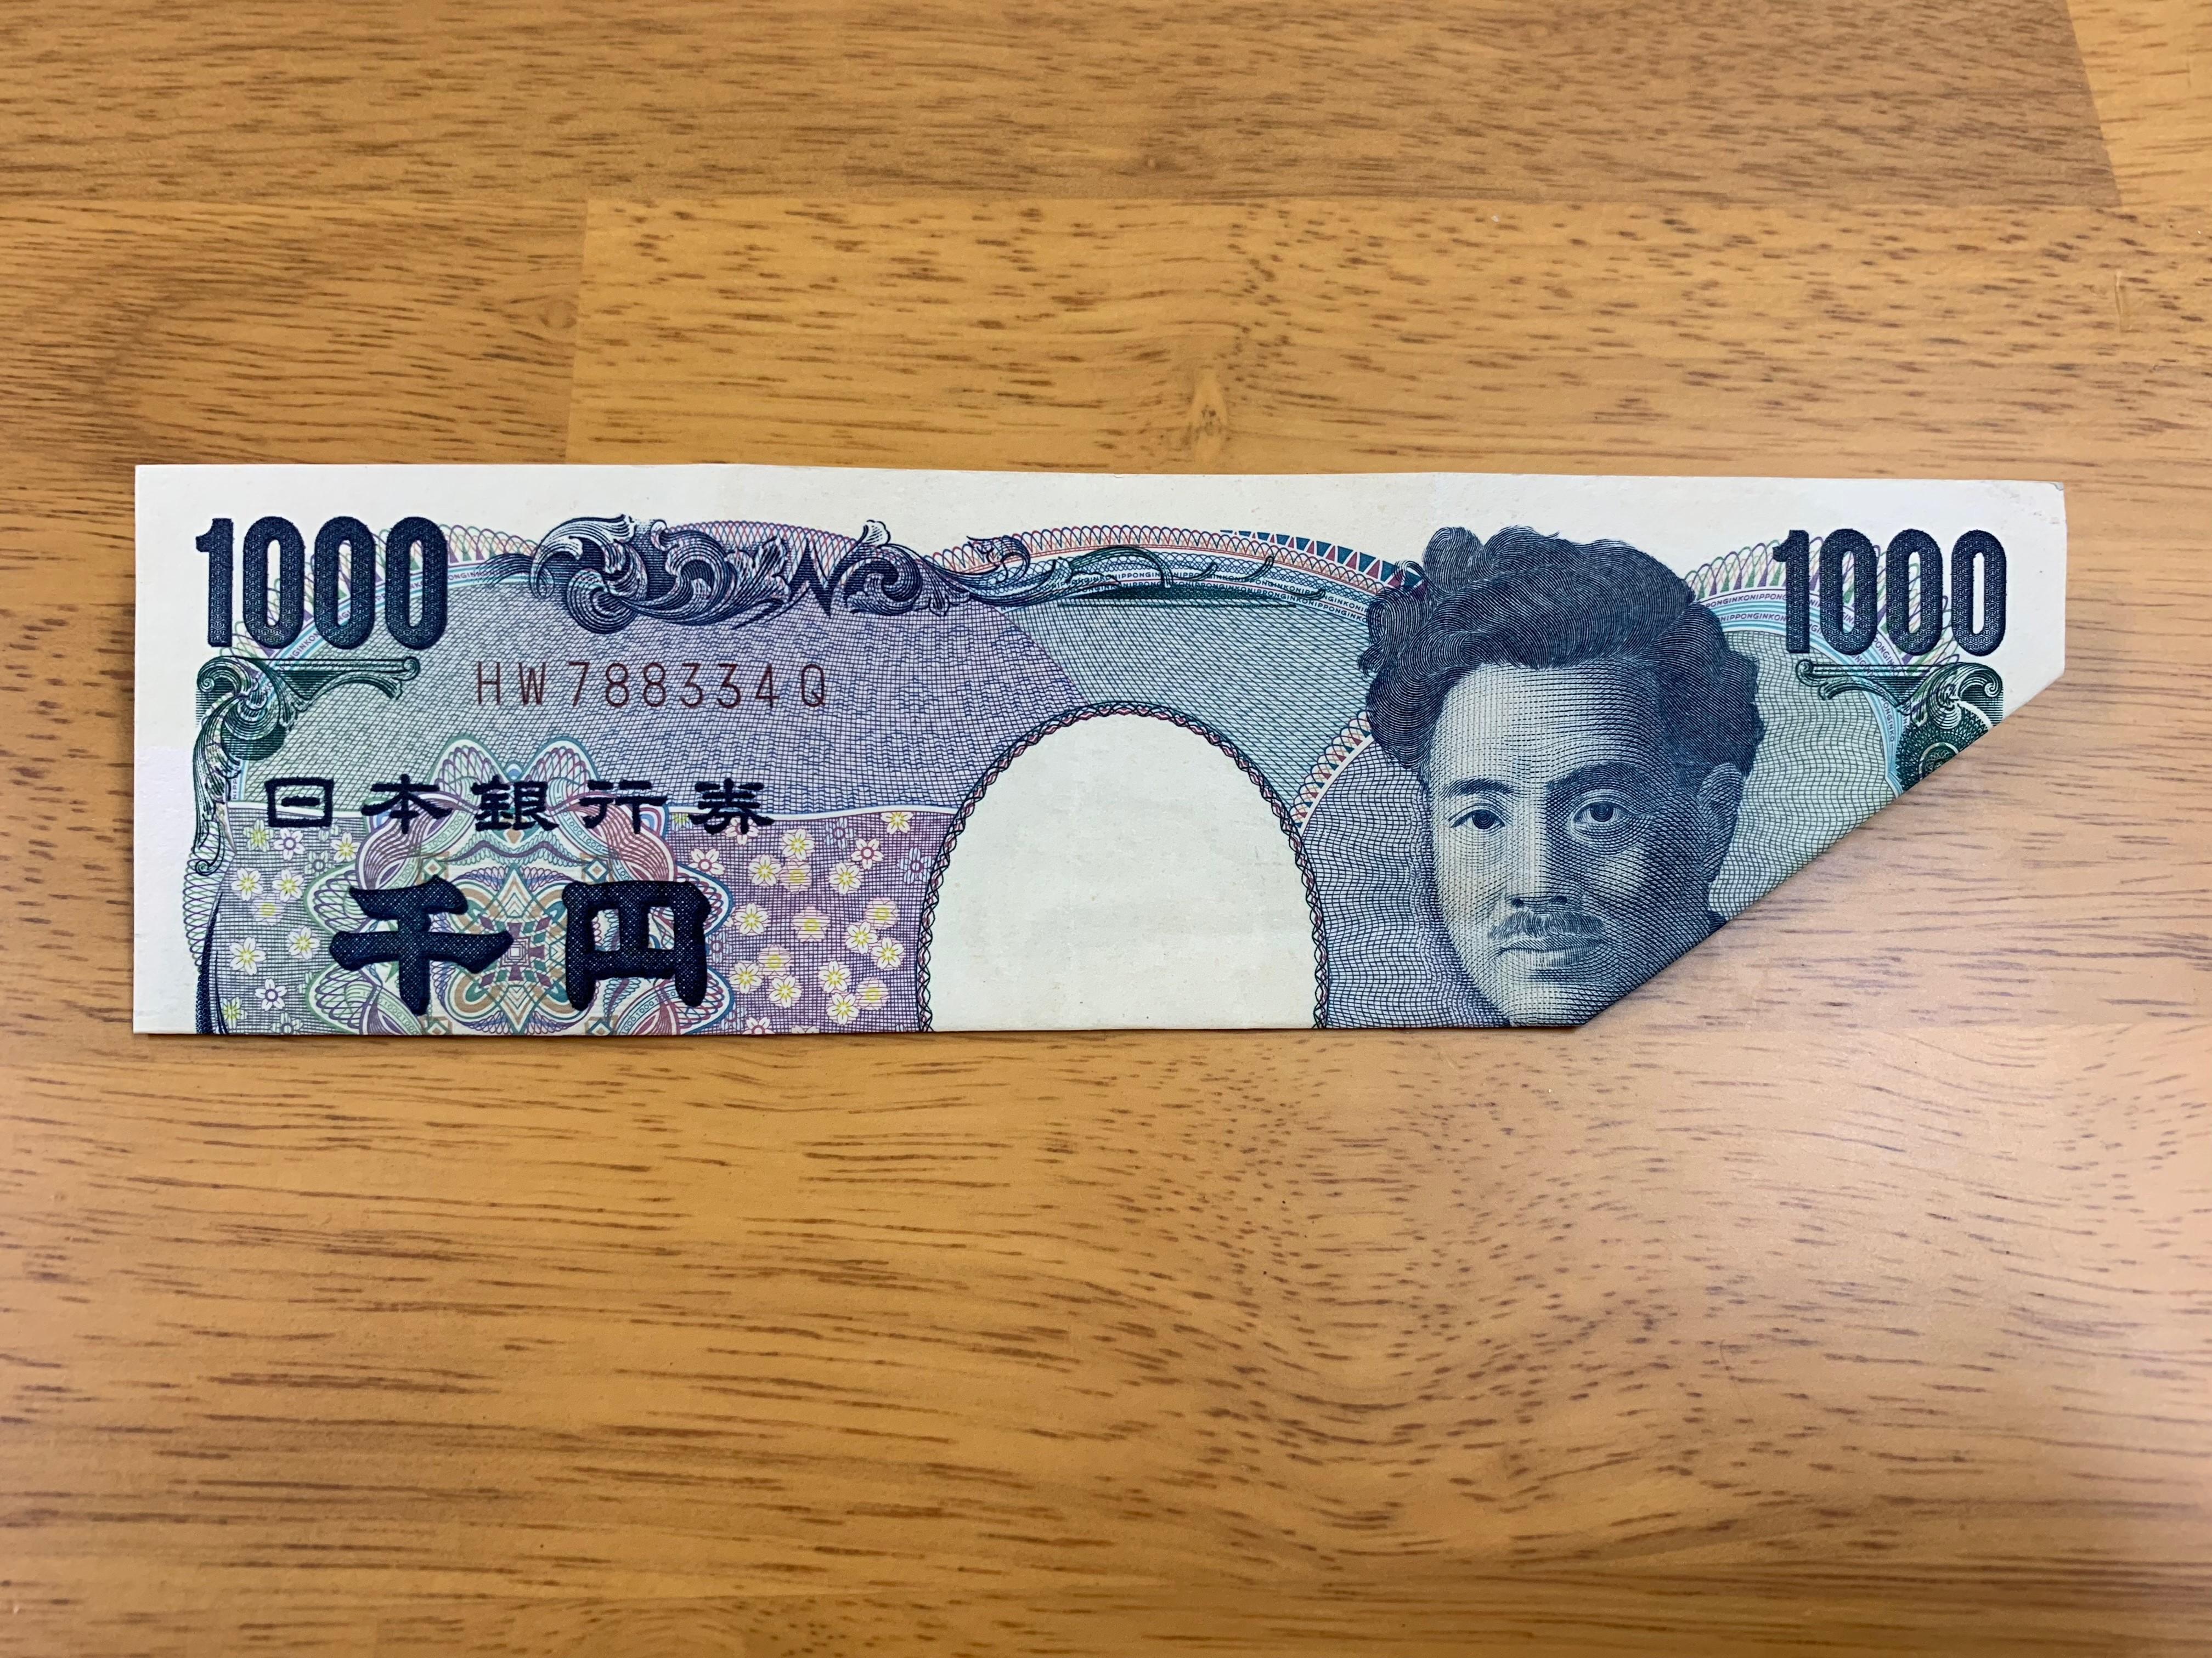 ターバン野口 お札 千円札のおもしろい折り方の画像3